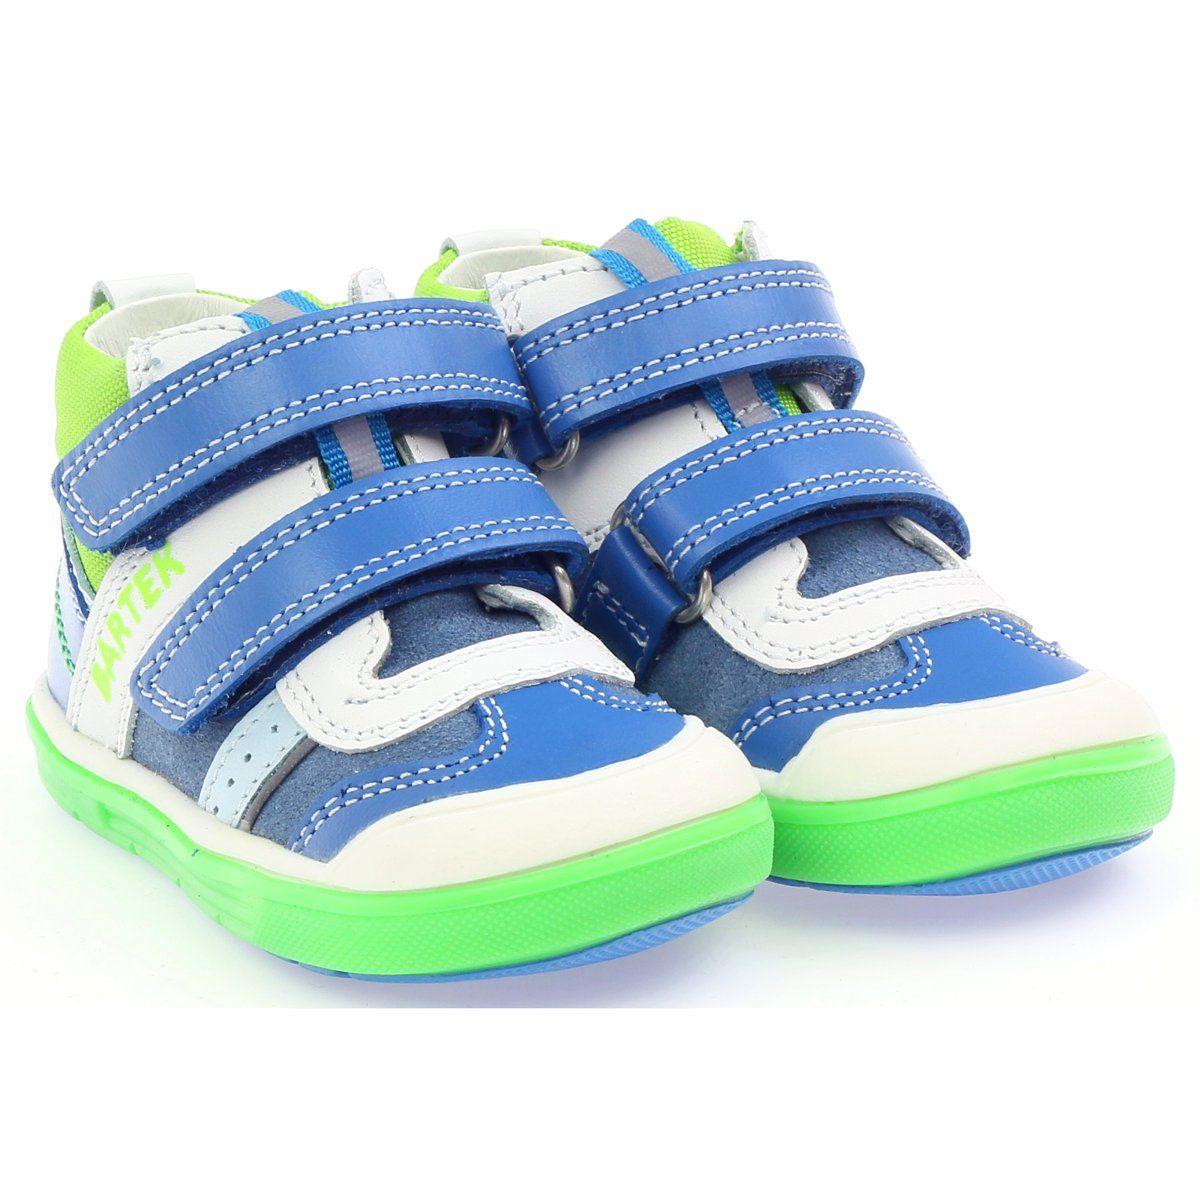 Trzewiki Chlopiece Odblaskowe Bartek 81859 Zielone Niebieskie Biale Baby Shoes Shoes Fashion